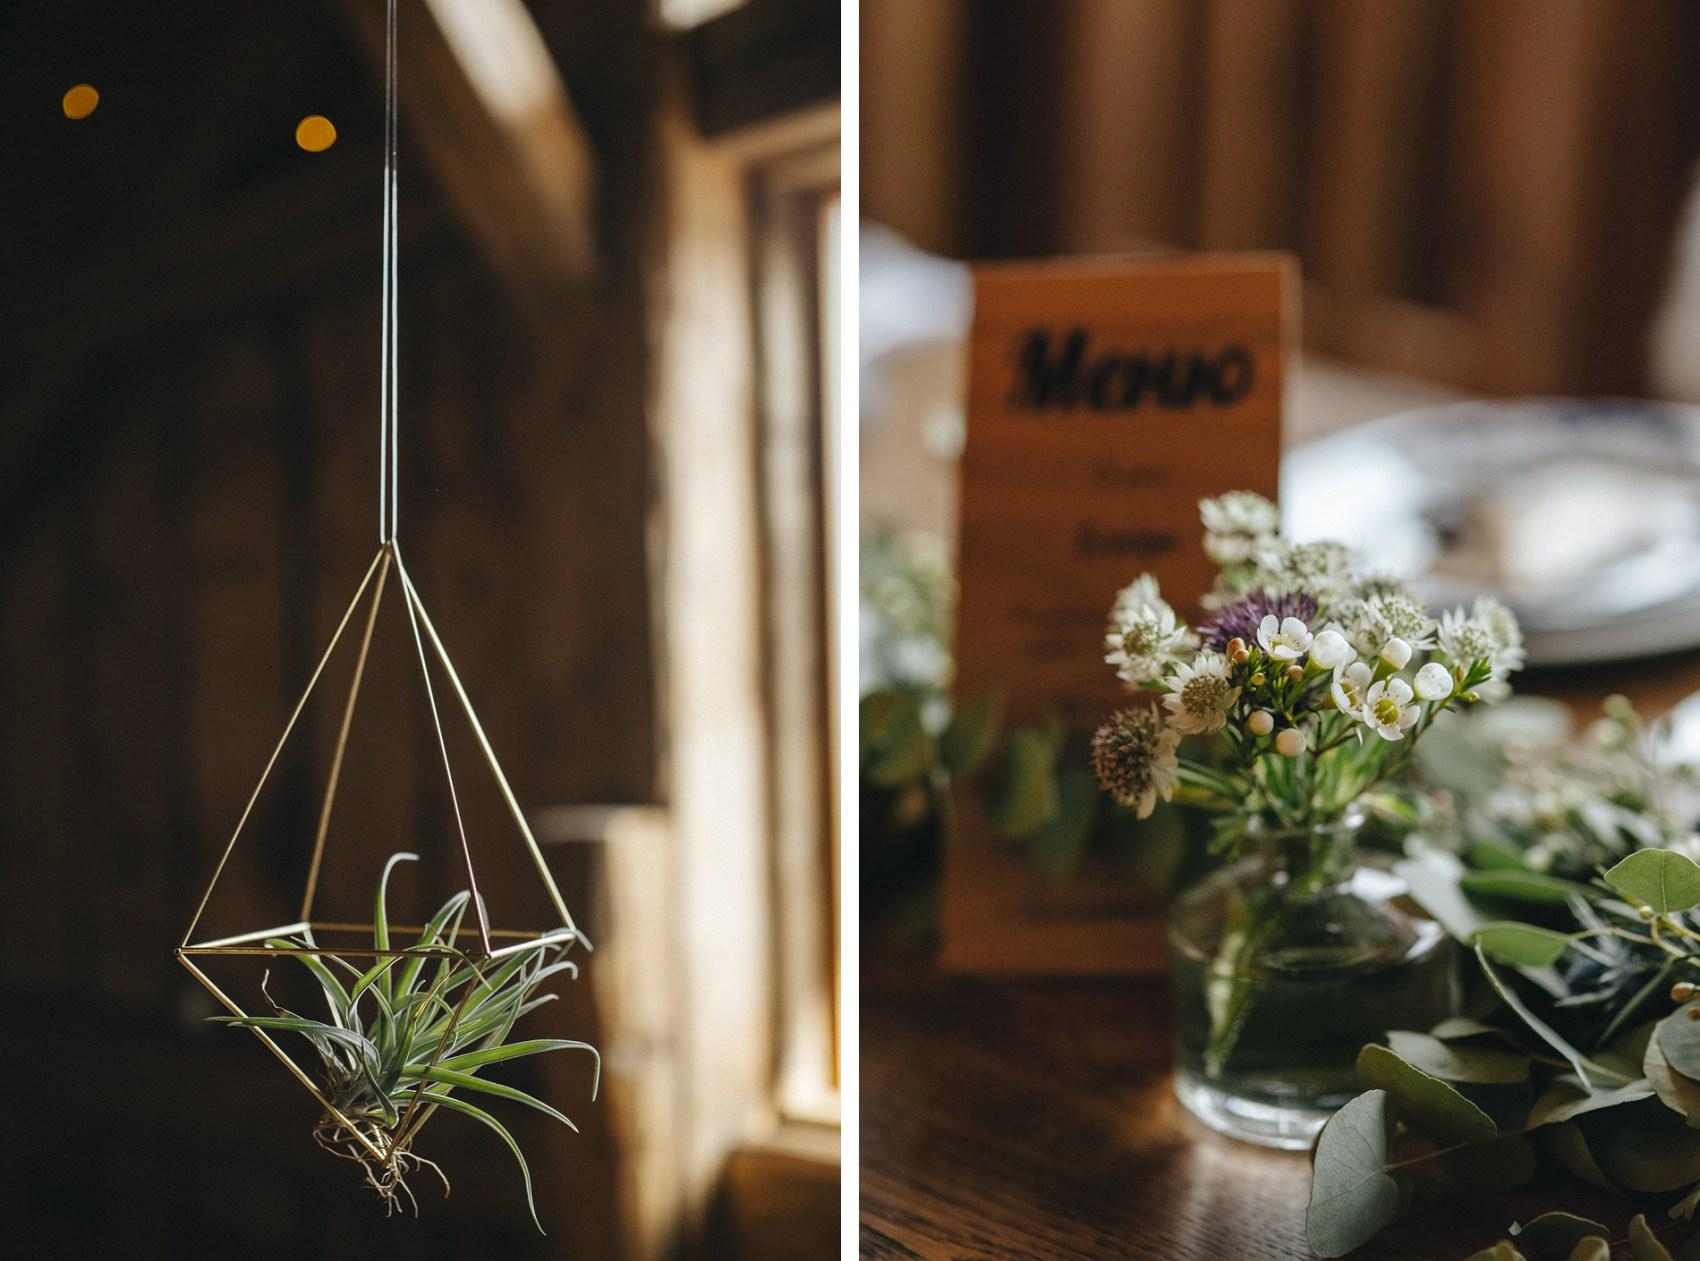 mariage-montagne-le-gite-du-passant-savoie-146-copie.jpg